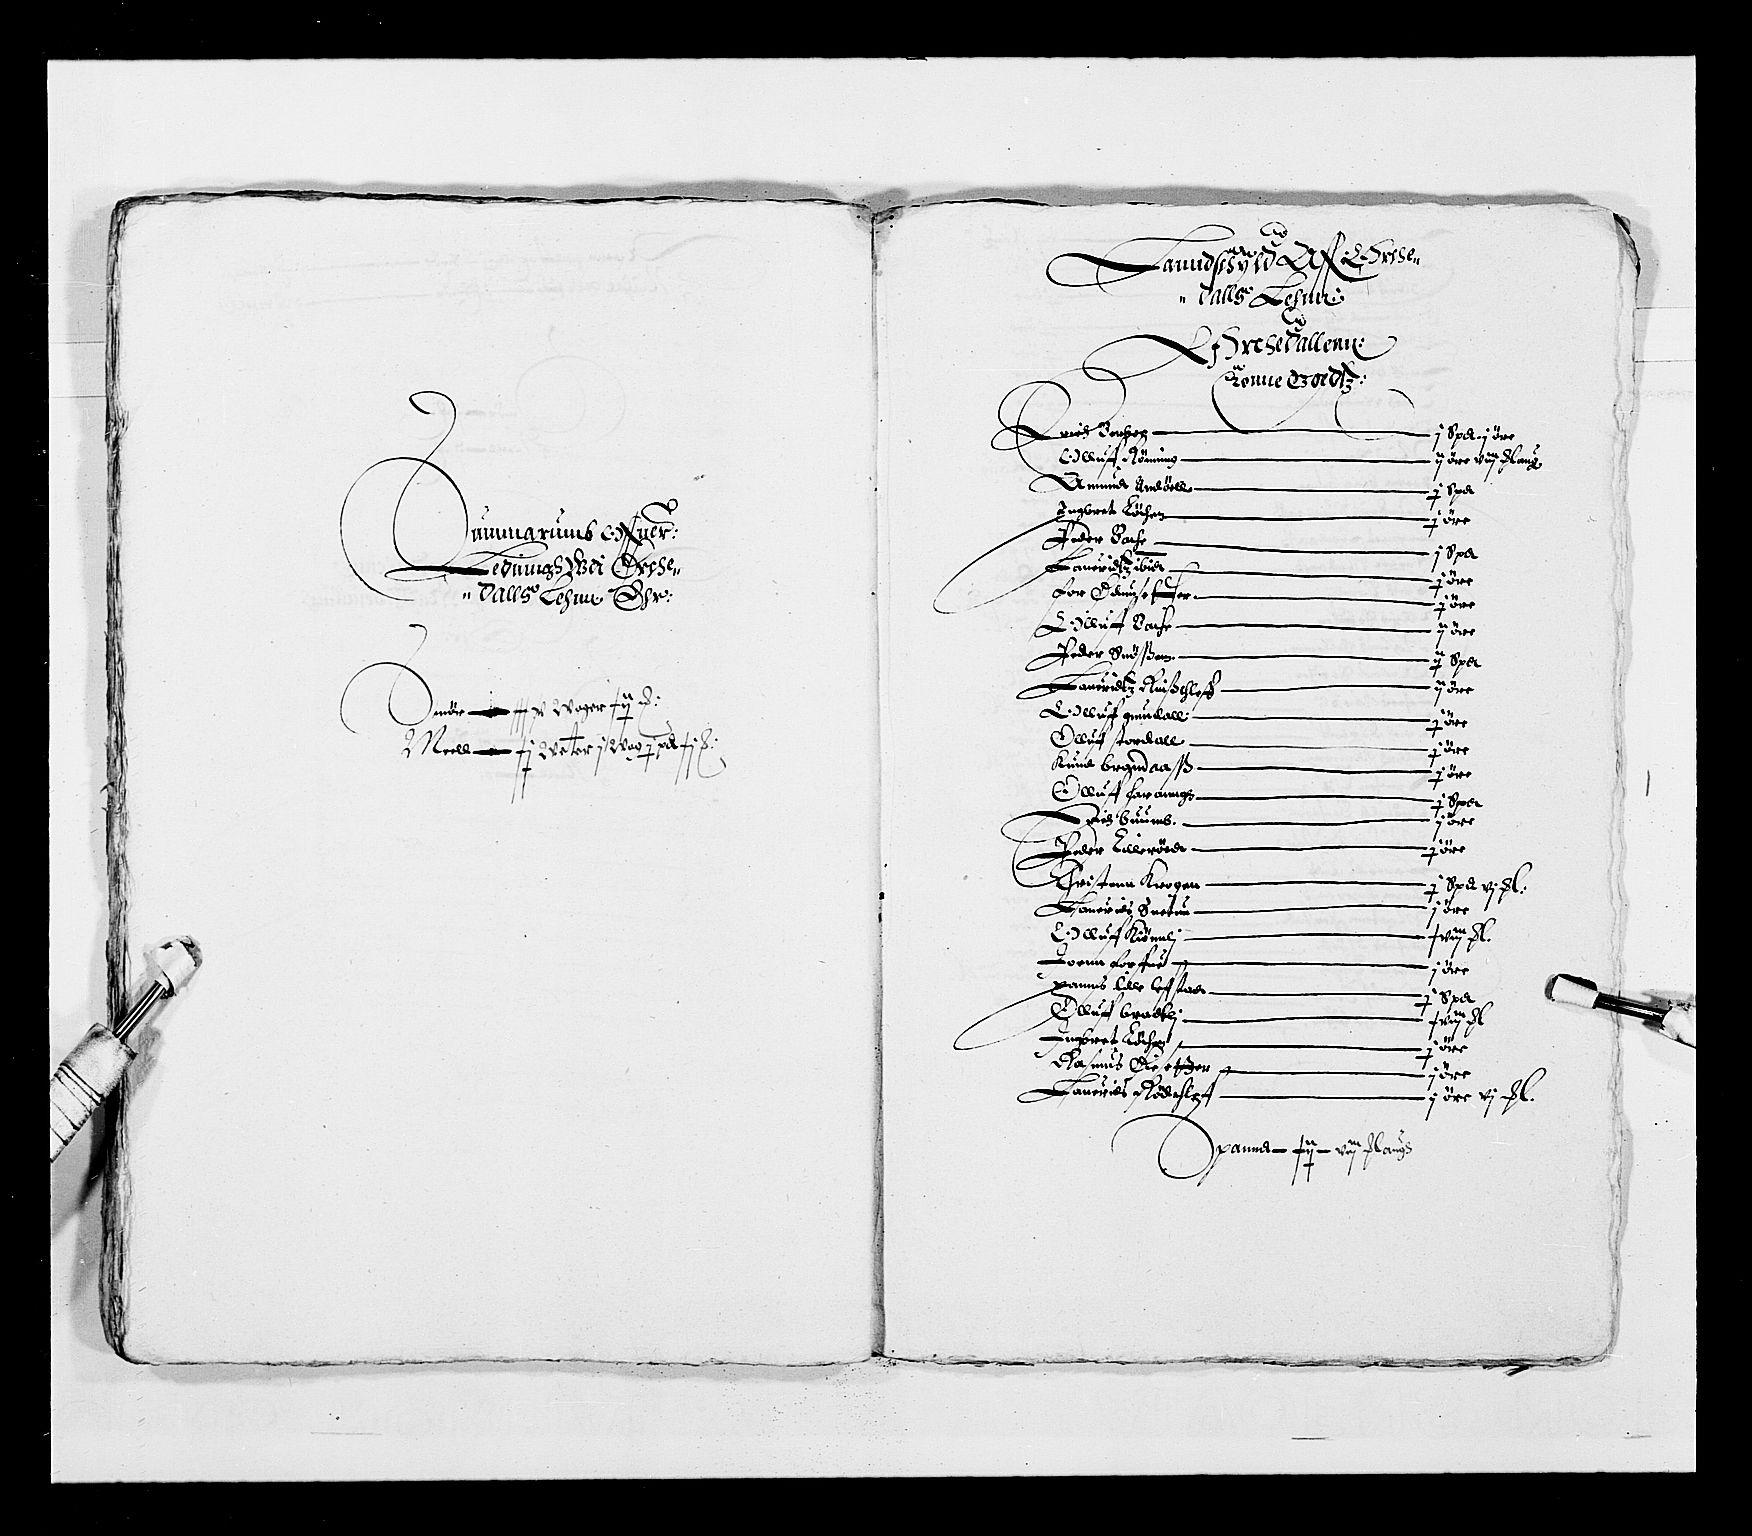 RA, Stattholderembetet 1572-1771, Ek/L0028: Jordebøker 1633-1658:, 1645-1646, s. 194